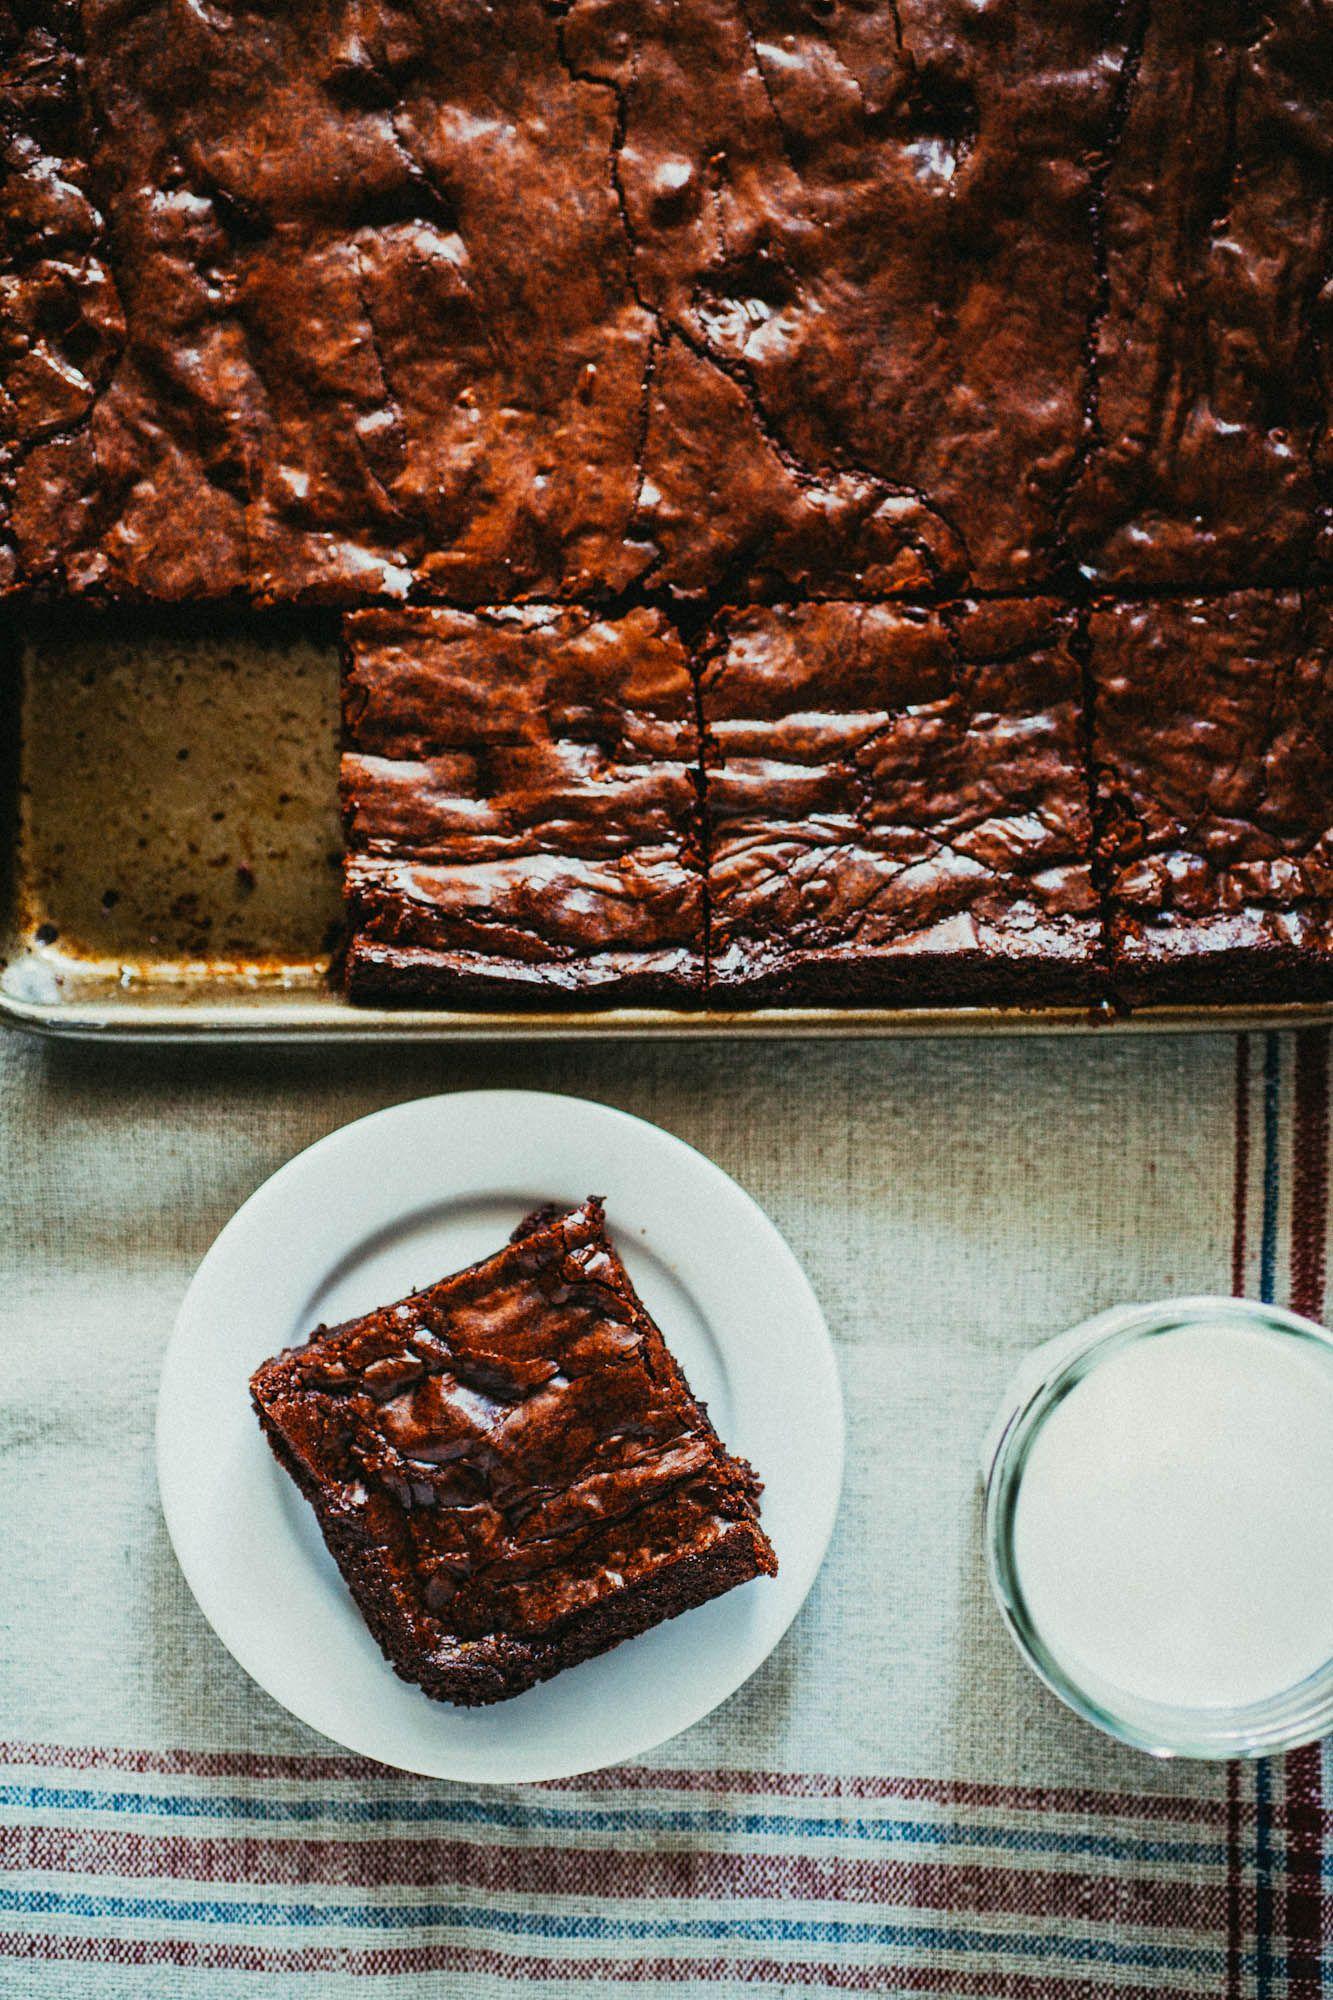 Ina Garten Die Besten 25 Ina Garten Desserts Ideen Auf Pinterest